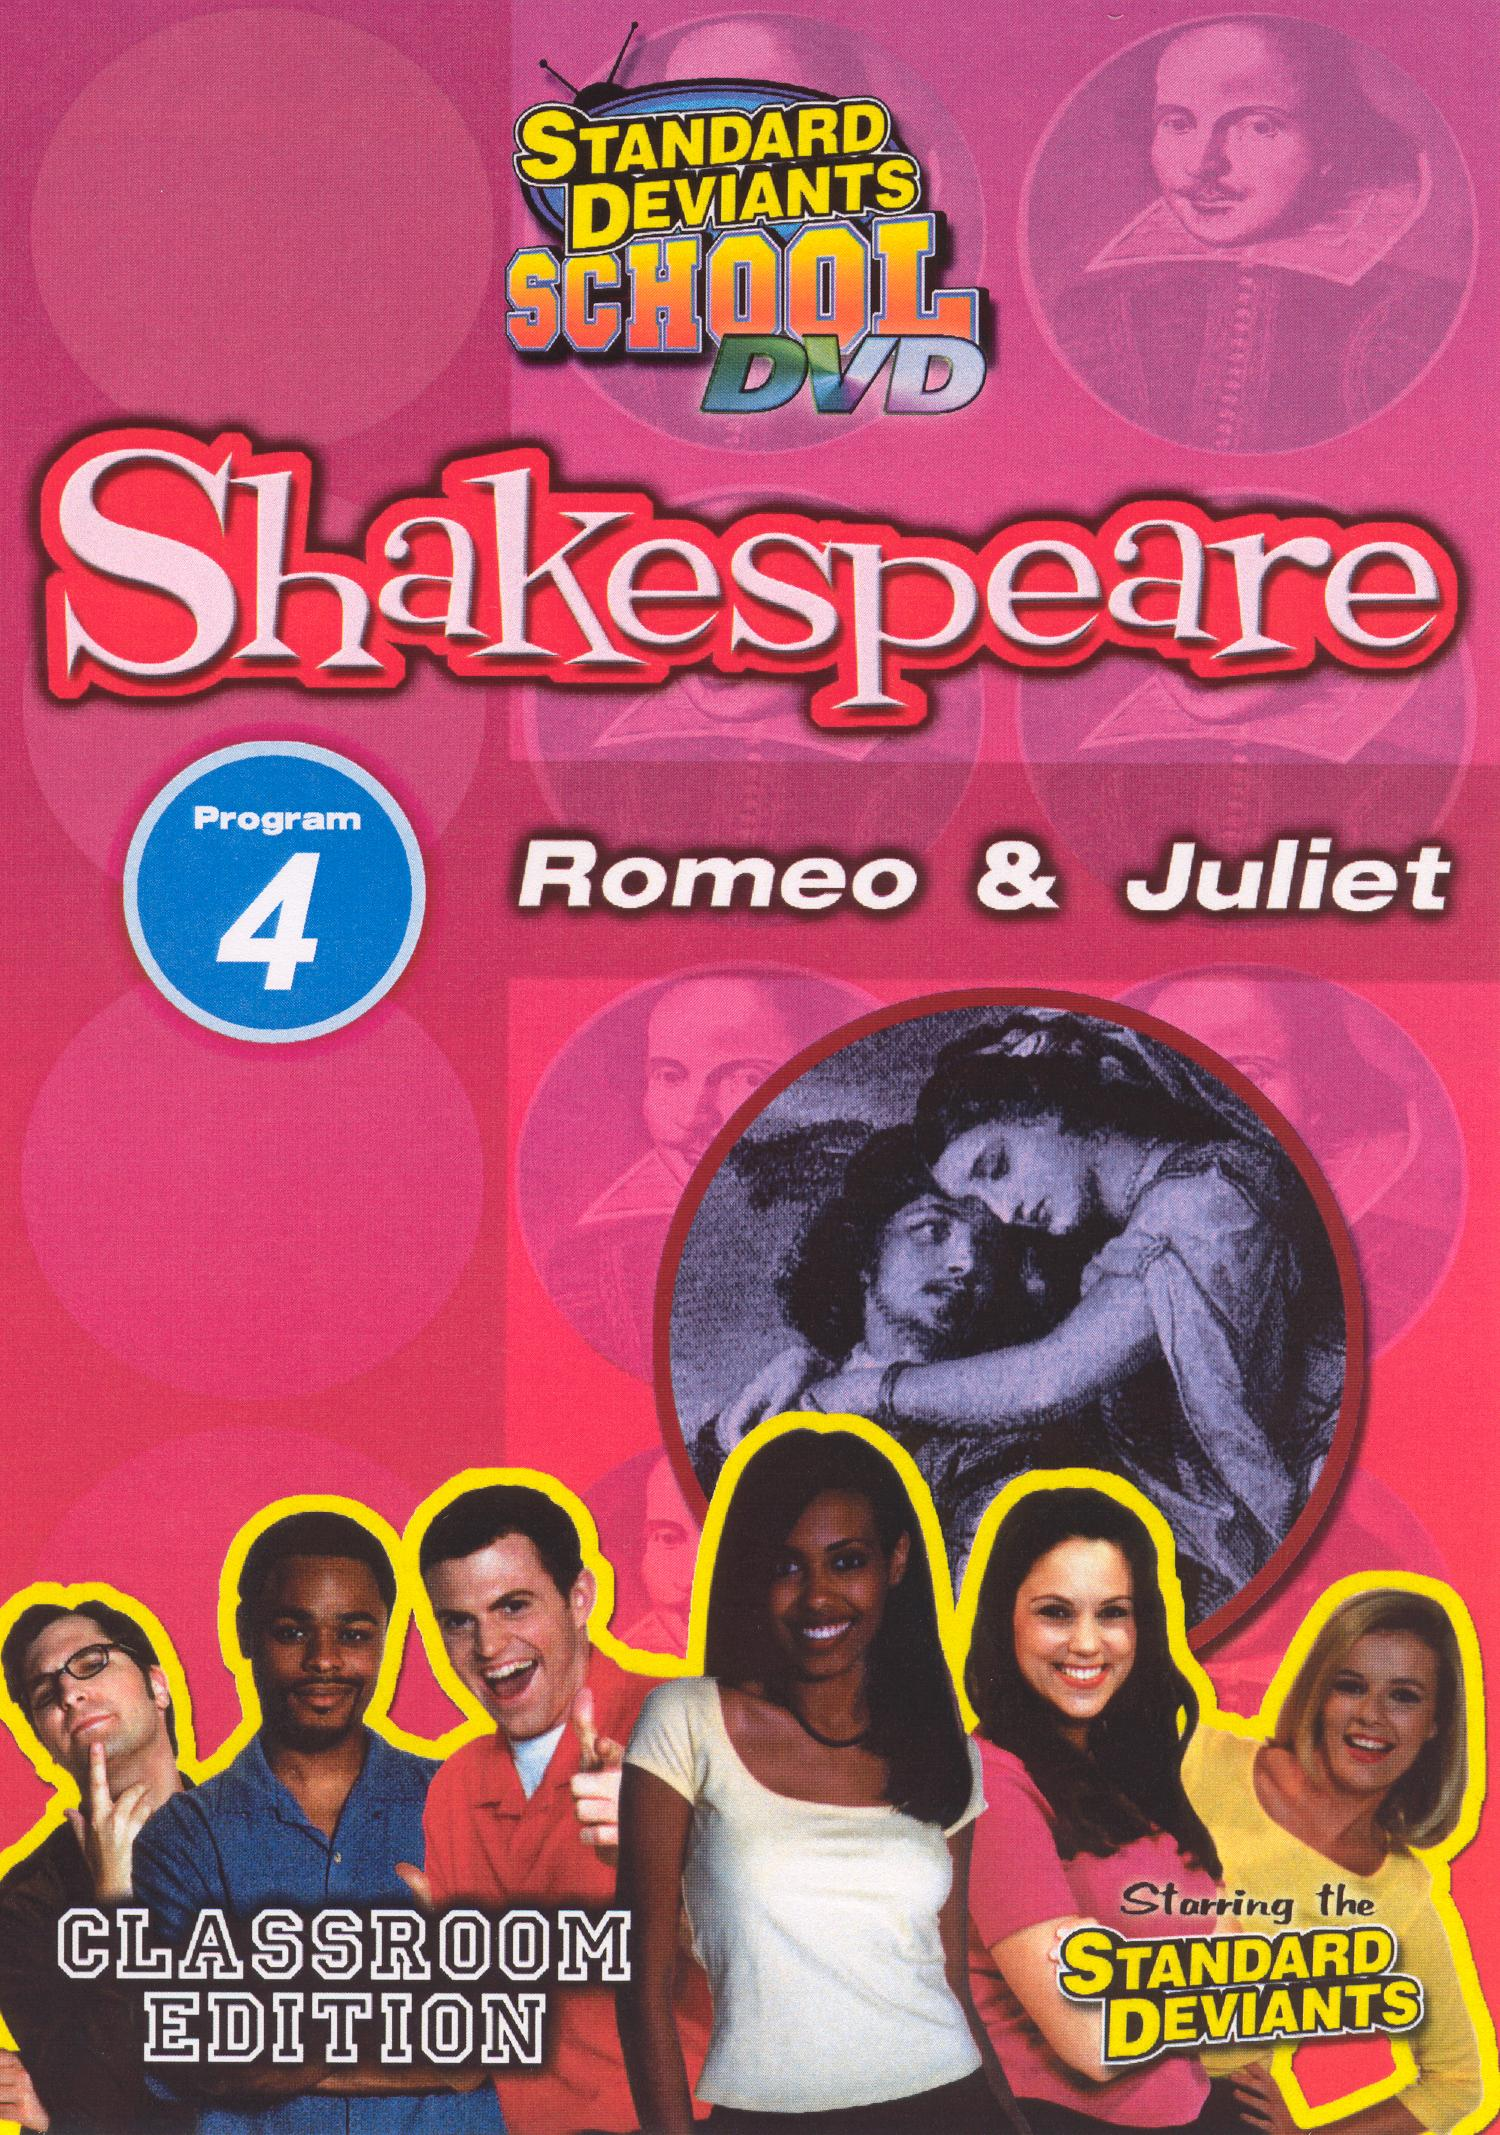 Standard Deviants School: Shakespeare, Program 4 - Romeo & Juliet